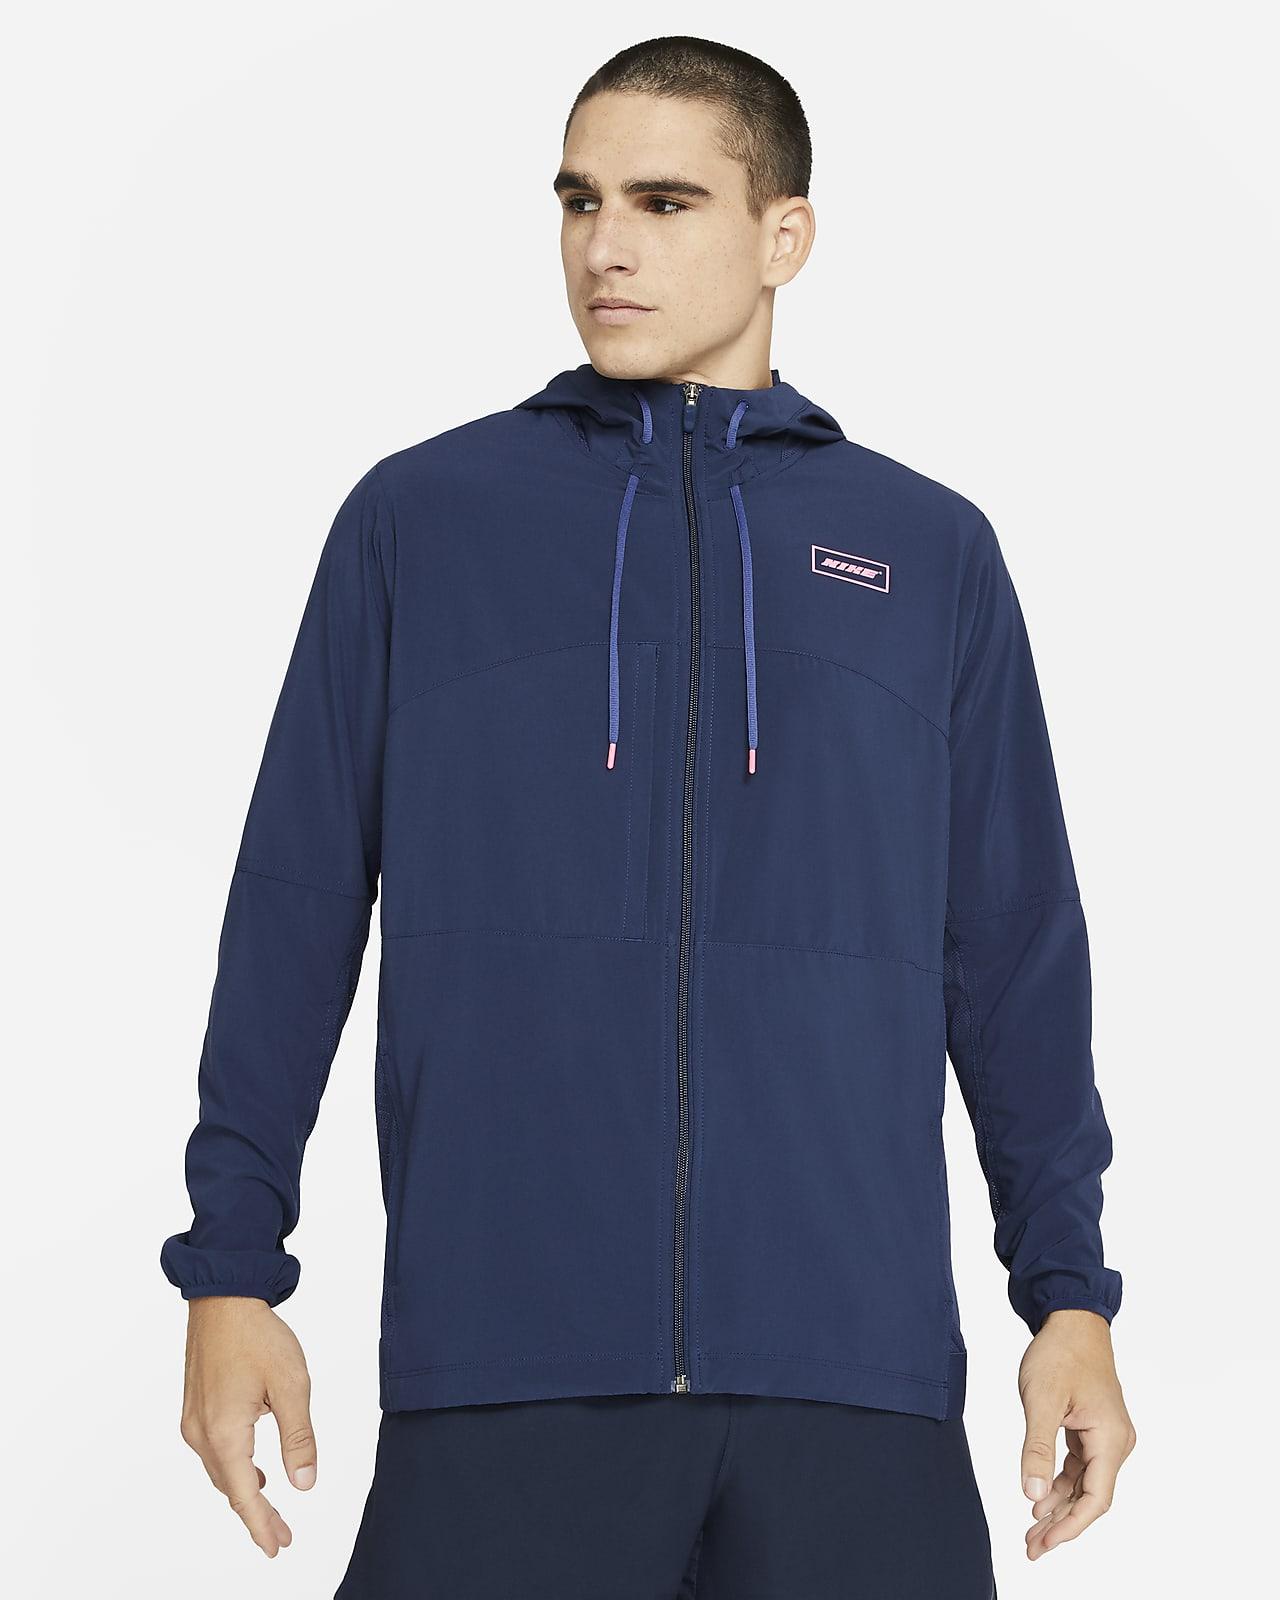 Мужская куртка с молнией во всю длину для тренинга Nike Sport Clash